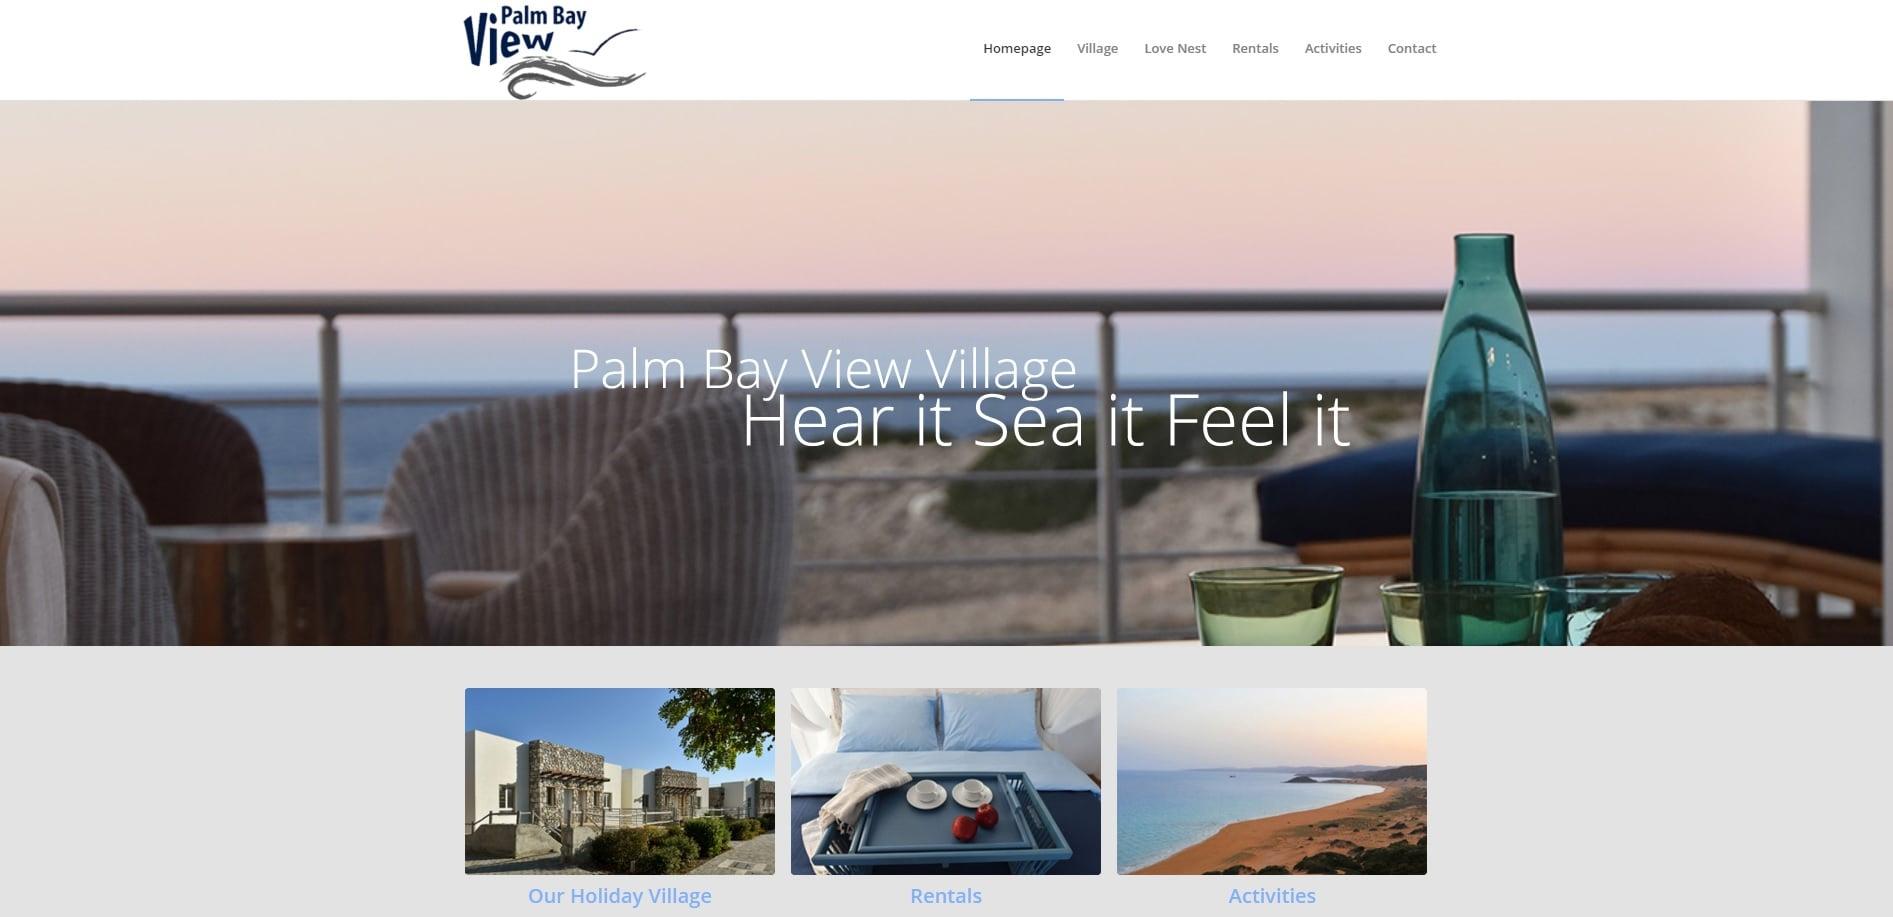 בניית אתר Palm Bay View